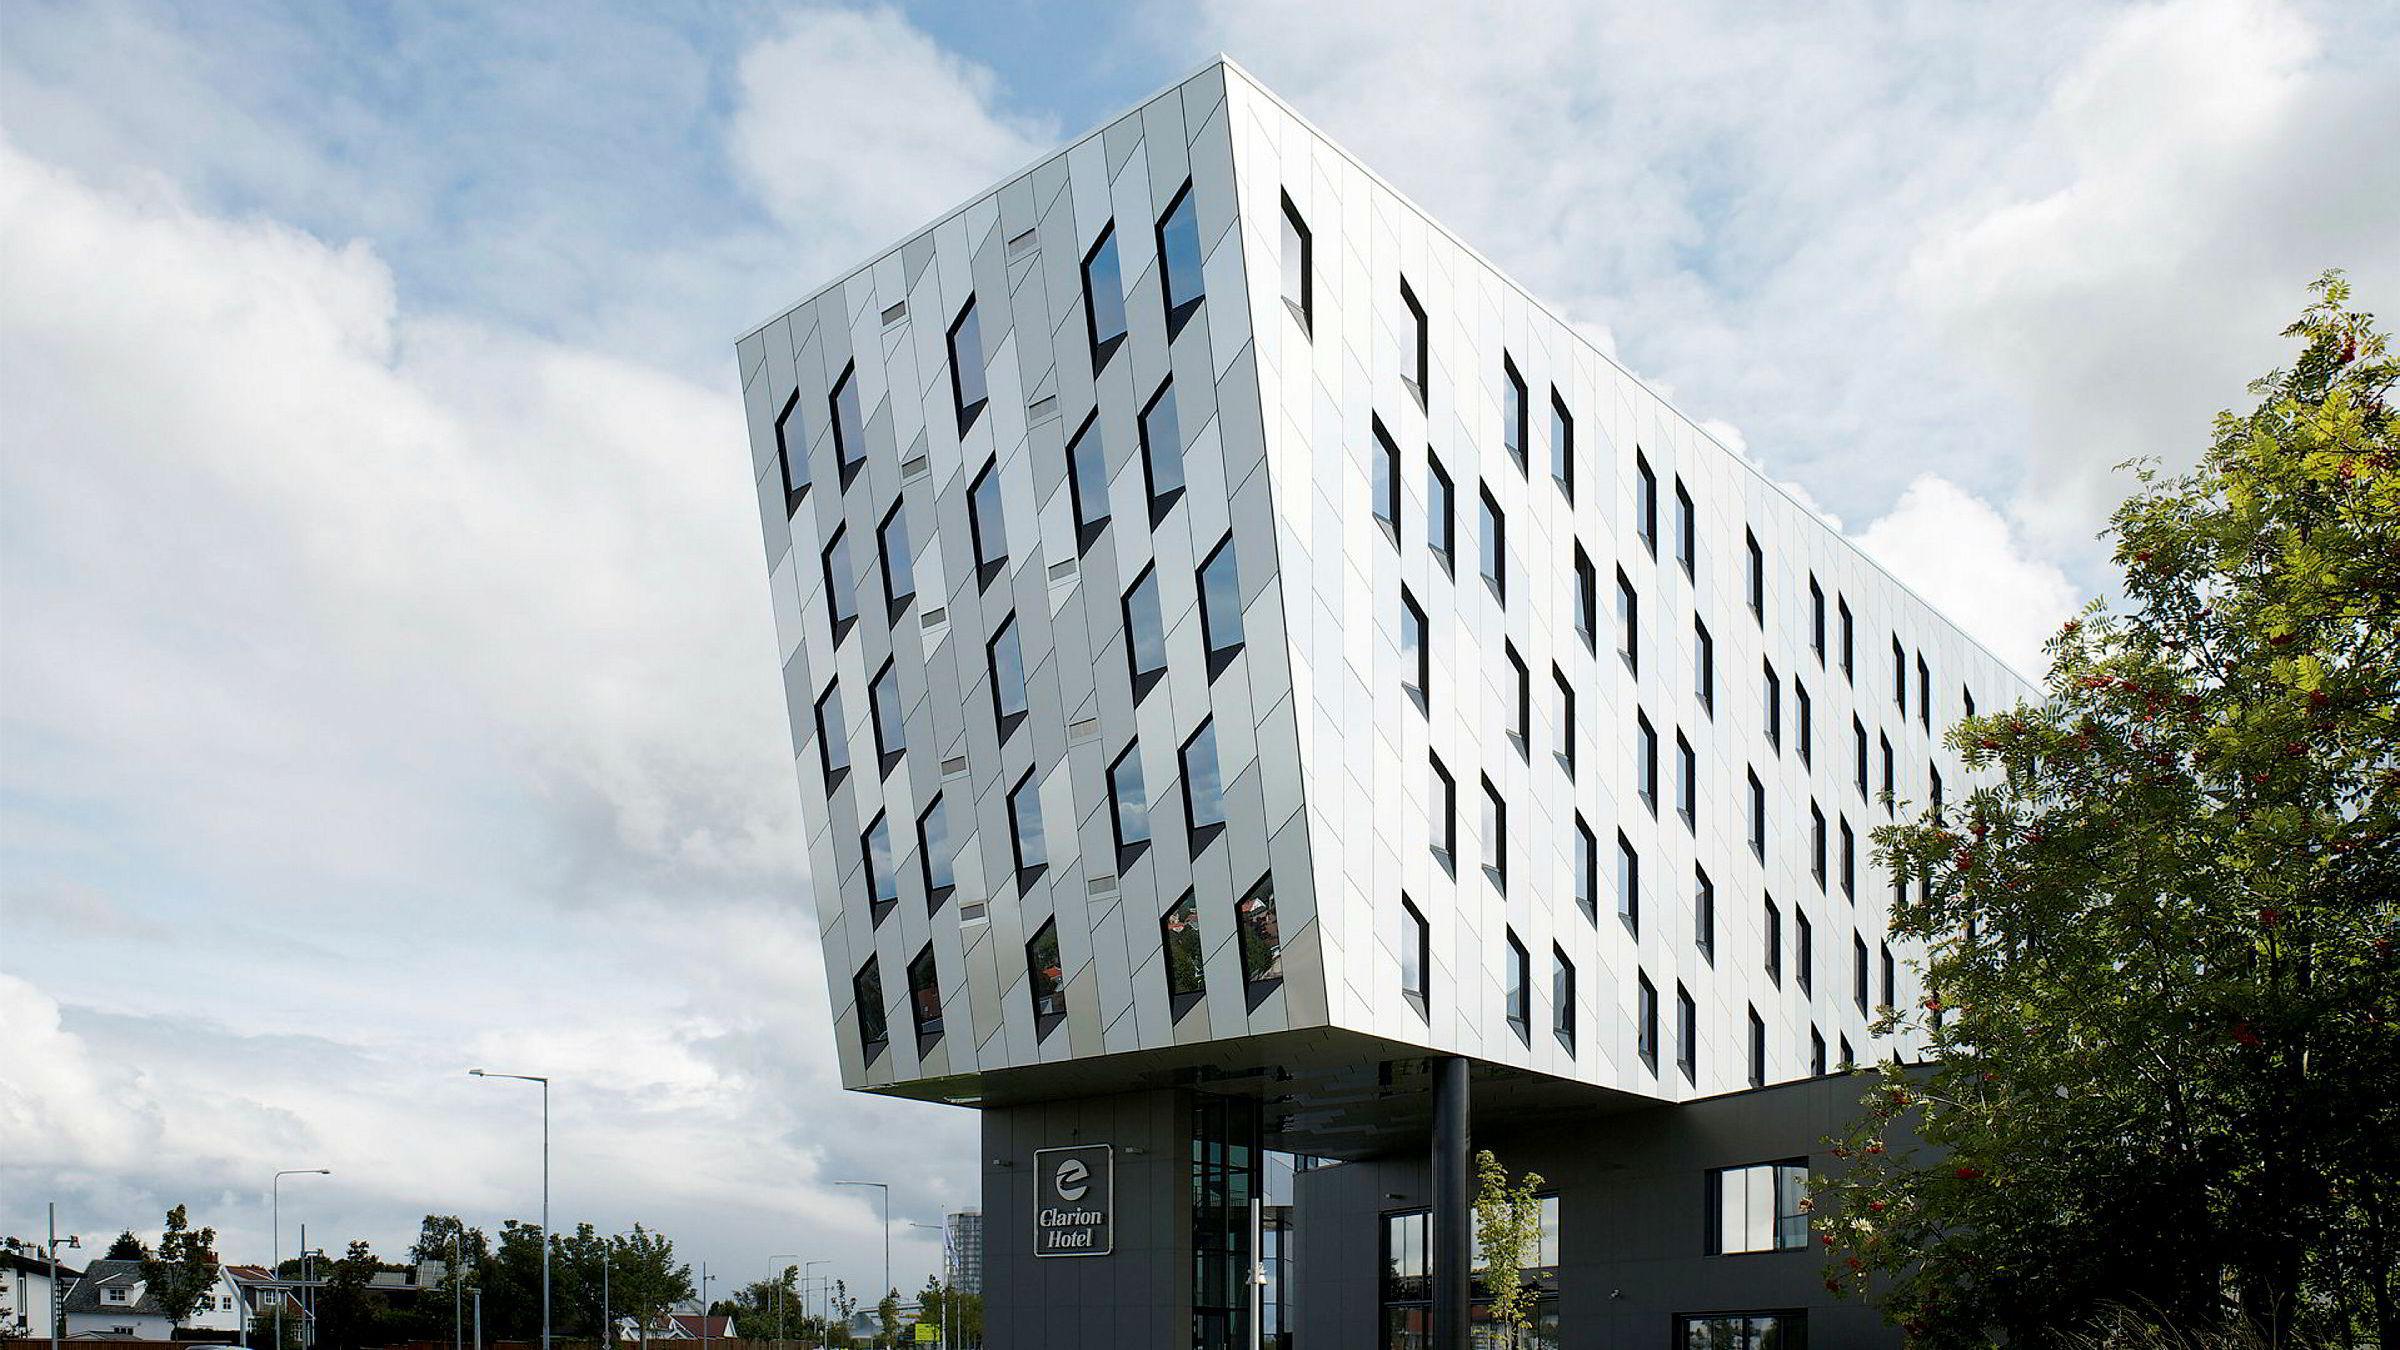 Clarion Hotel Energy er blant hotellene som åpnet i Stavanger samtidig som oljeprisen gikk til bunns.